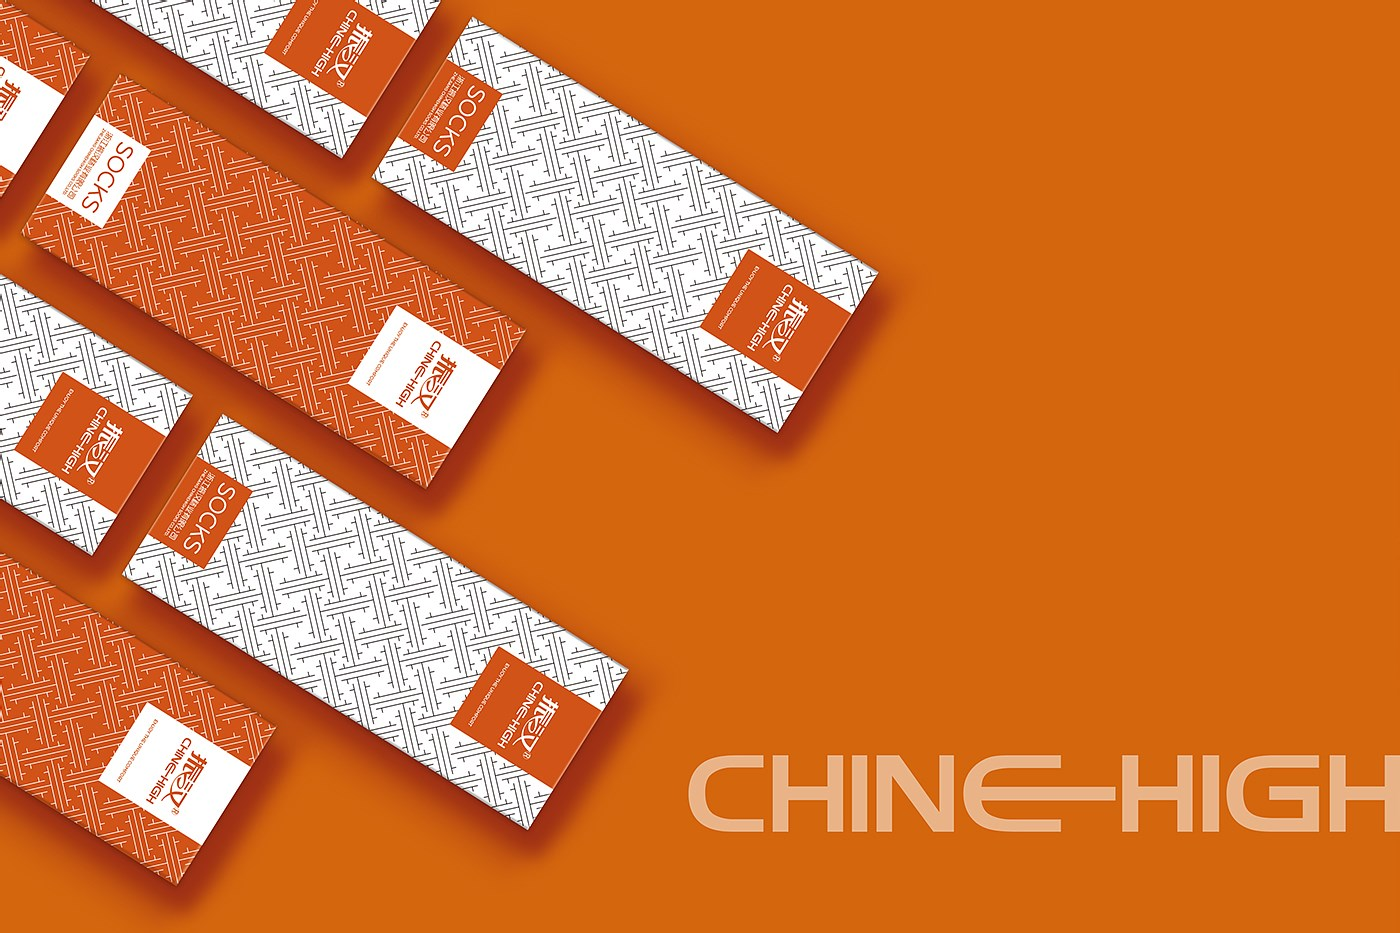 振汉袜子,袜子包装设计,产品包装设计